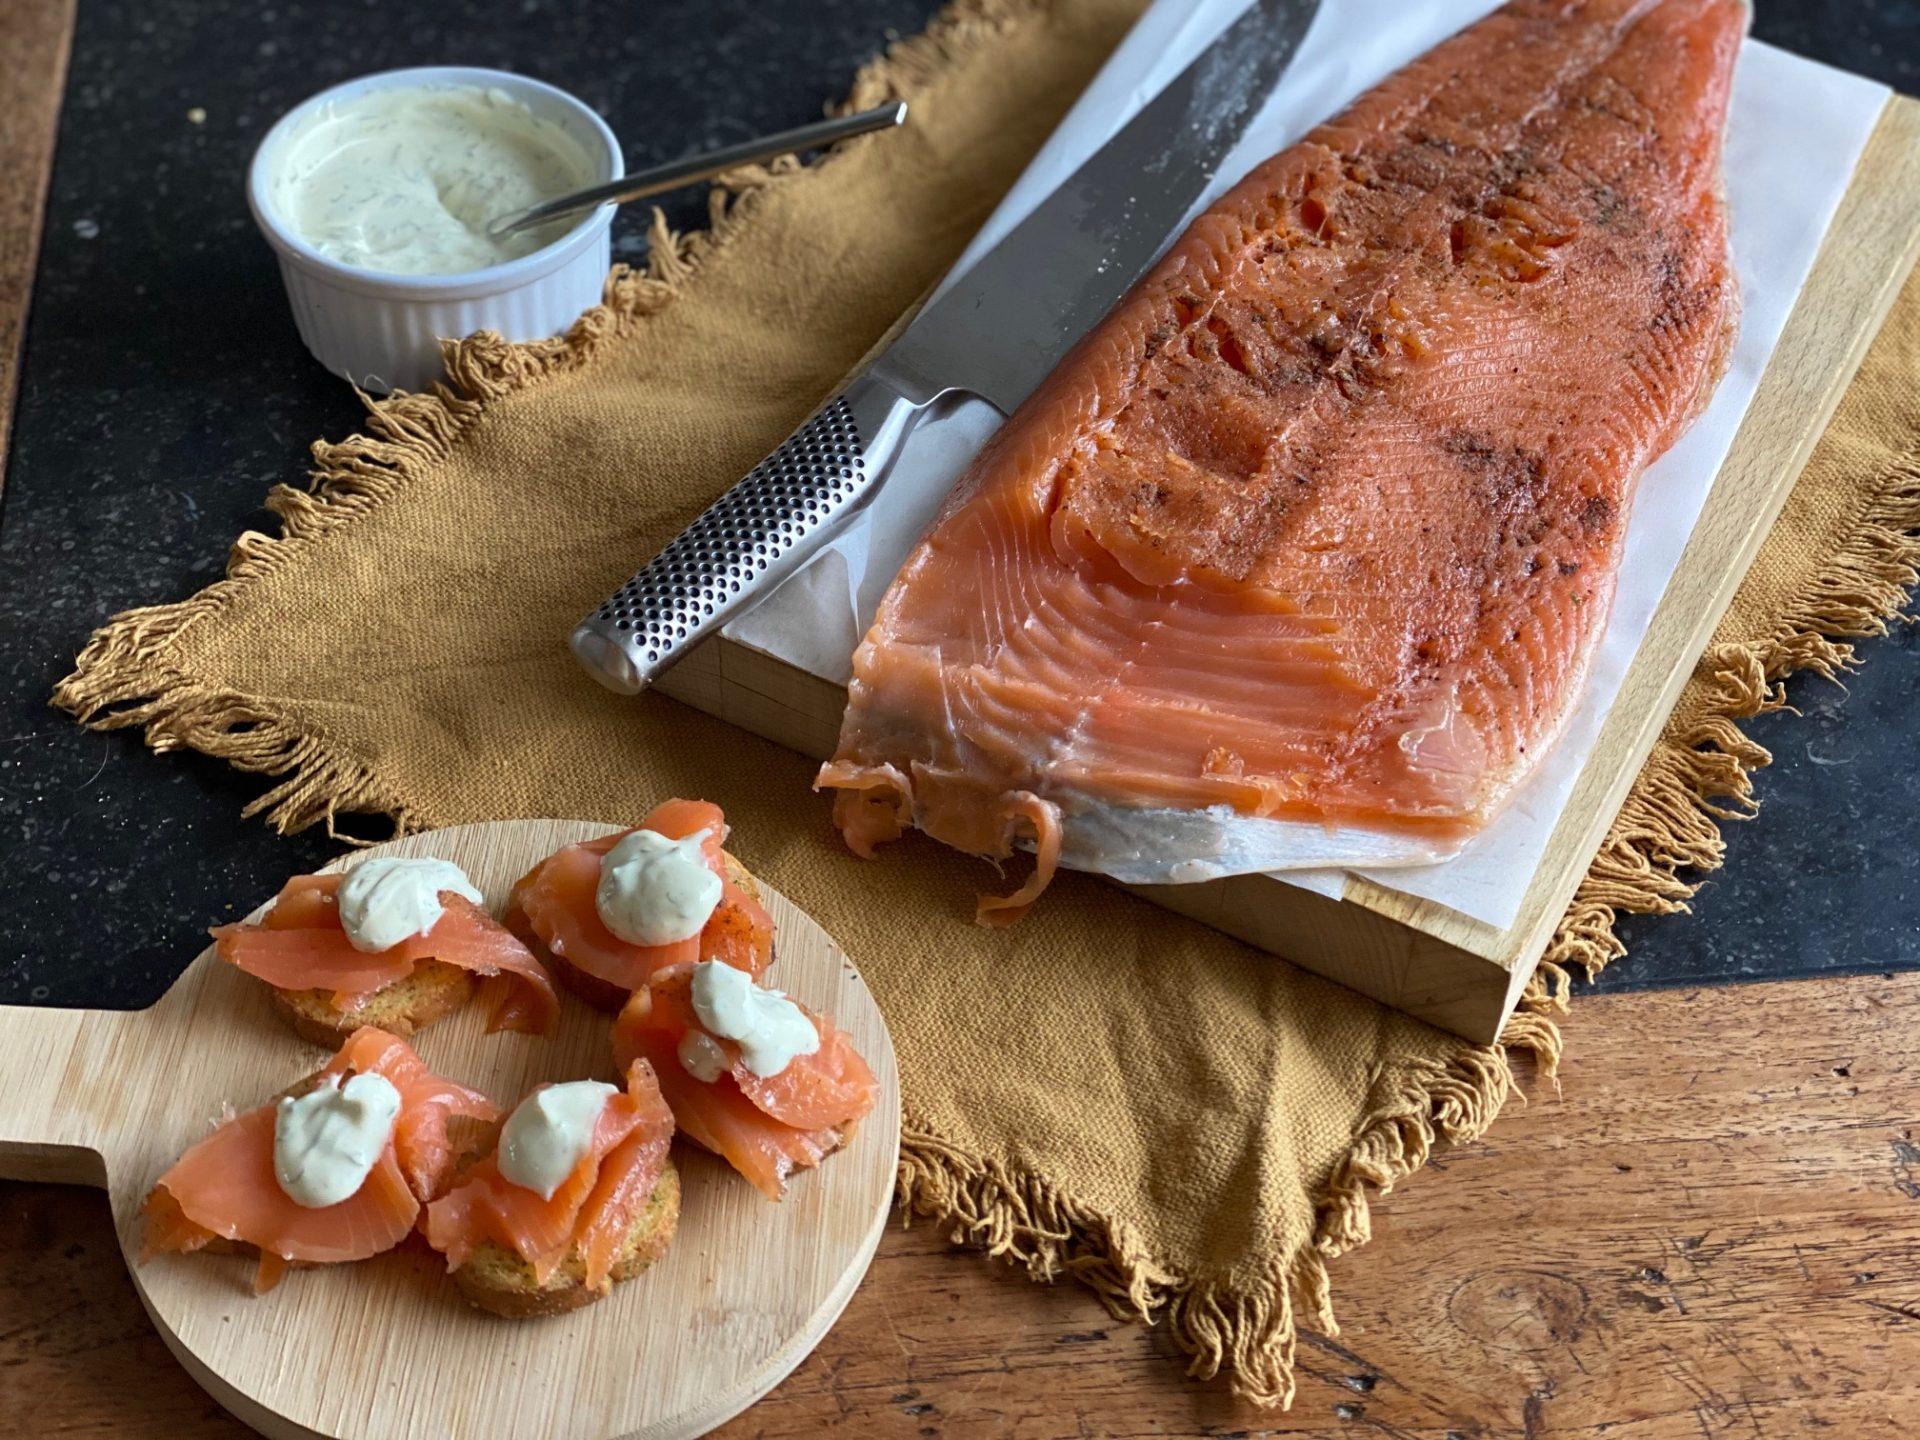 Zelf Gravad Lax Maken - Gravad Lax Maken met 5 spices - Recept van Foodinista